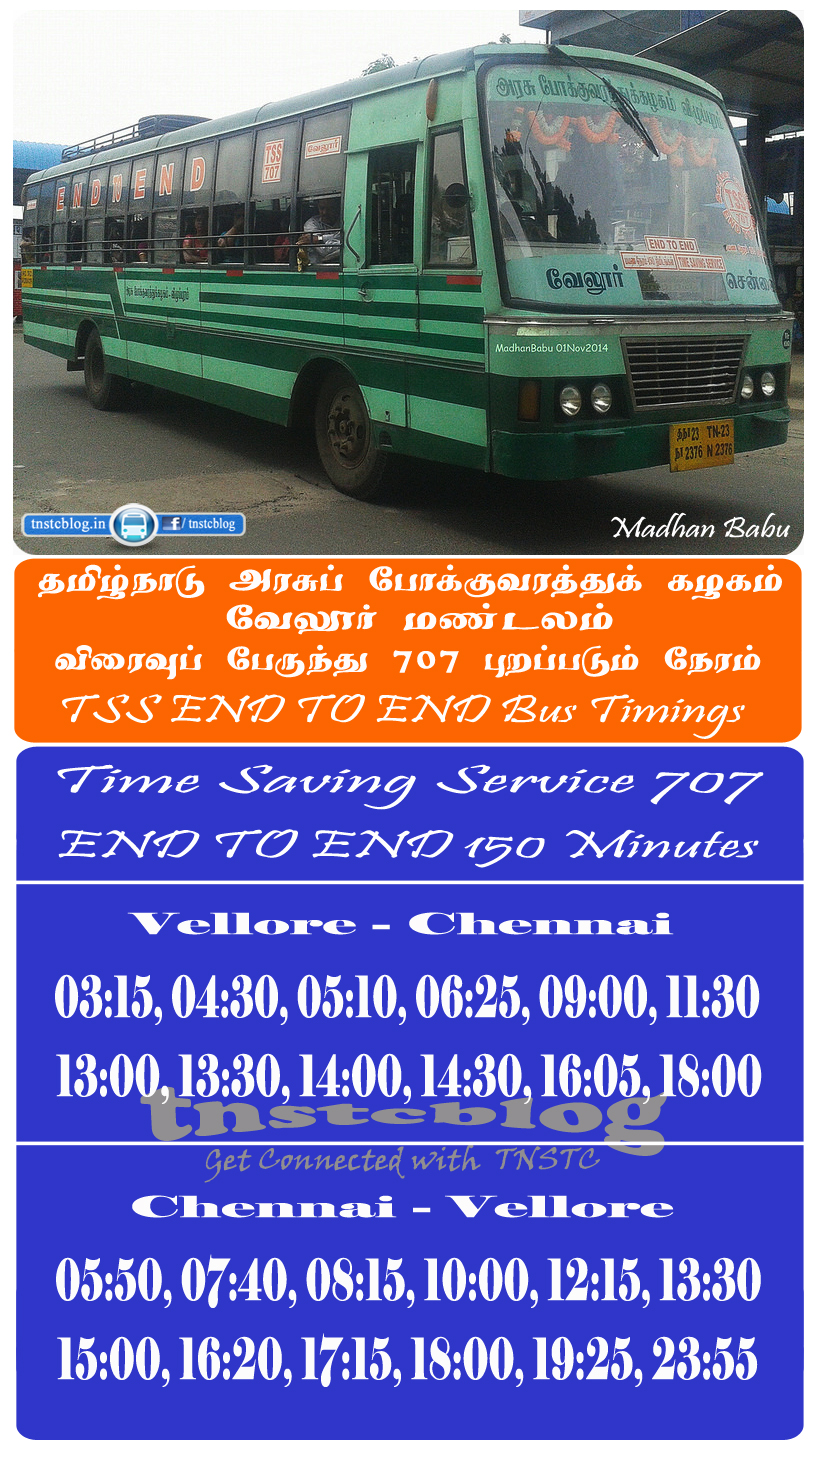 Vellore - Chennai